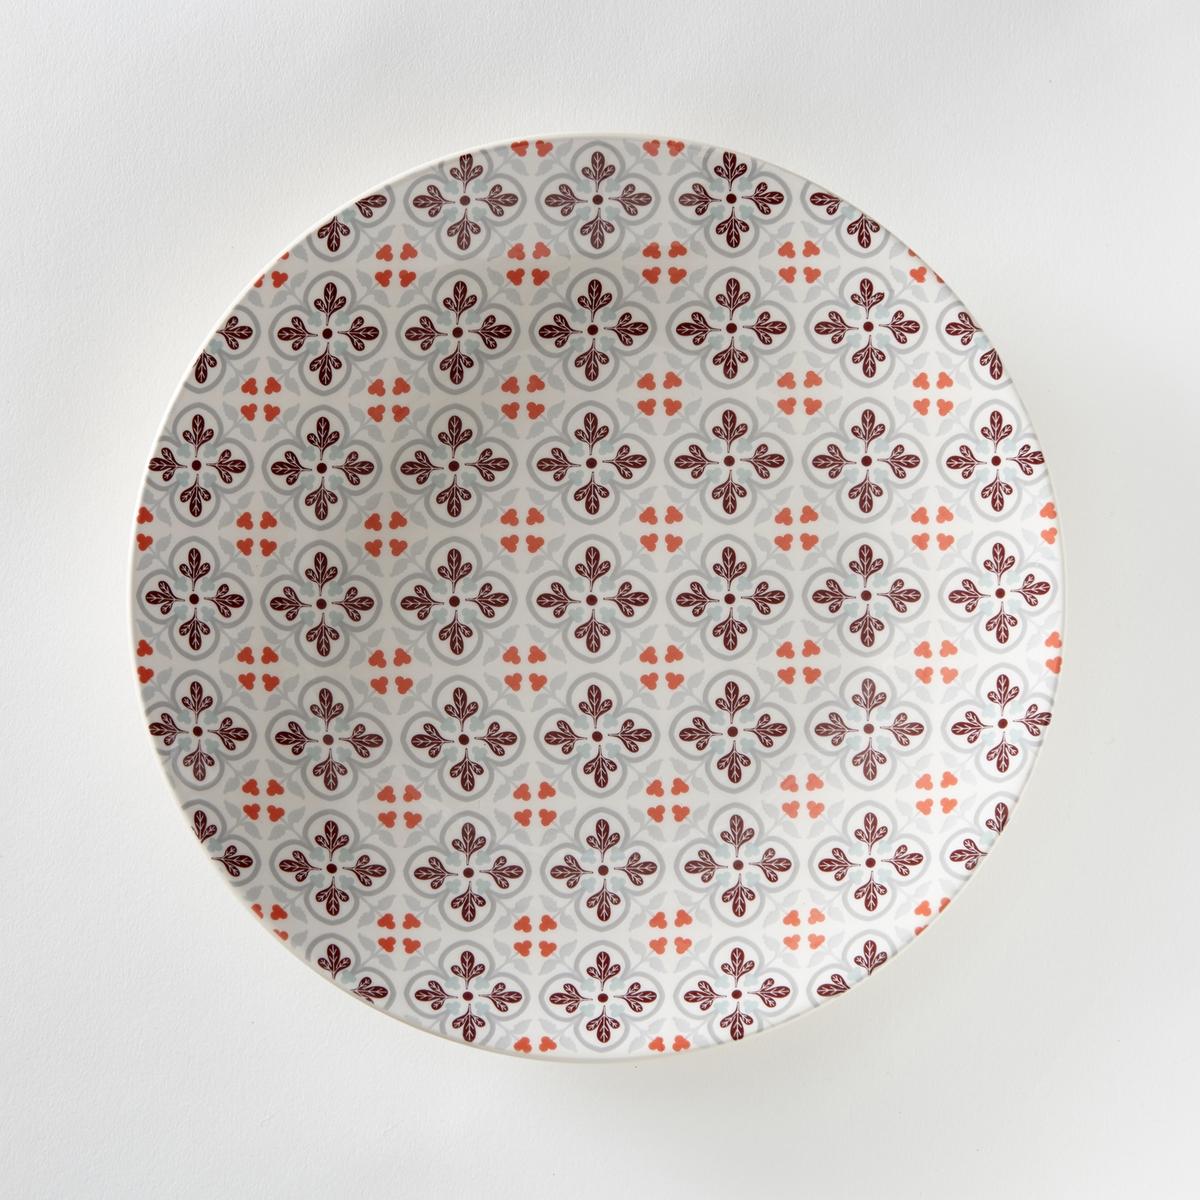 Комплект из 4 мелких тарелок из фаянса, диаметр 26,5 смХарактеристики 4 плоских тарелок с рисунком под цементную плитку  :- Из фаянса, разноцветные.- Диаметр 26,5 см  .- Можно использовать в посудомоечных машинах и микроволновых печах.Десертные тарелки и чашки того же комплекта продаются на сайте laredoute  .ru<br><br>Цвет: набивной рисунок<br>Размер: единый размер